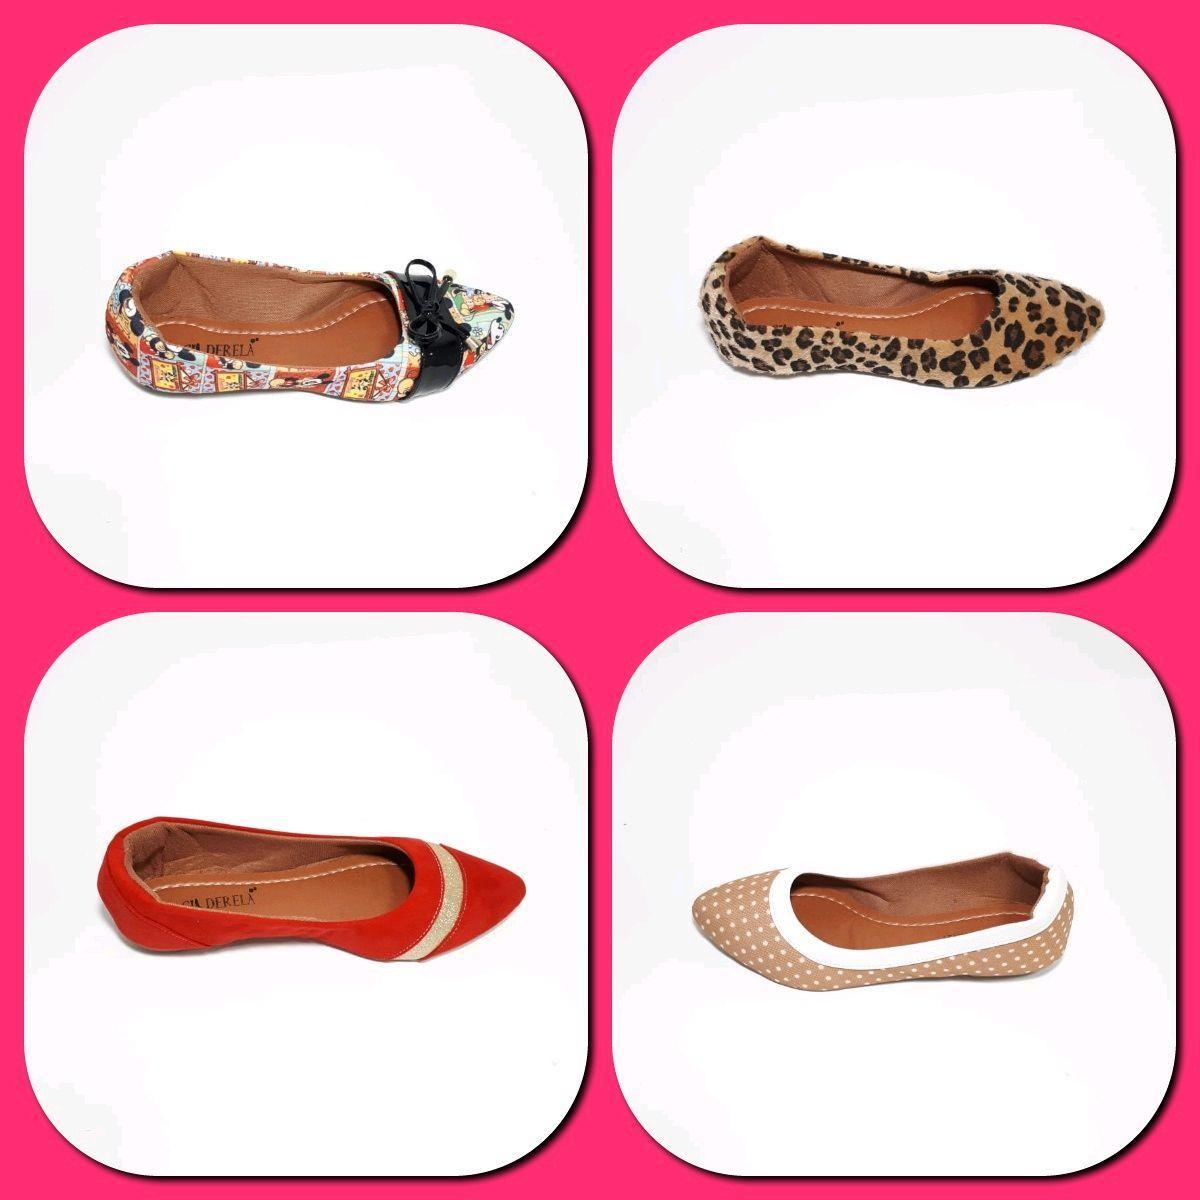 62b72e8b92  sapatilhas  calçados  fashion  roupas  baixo  confortável  luxo